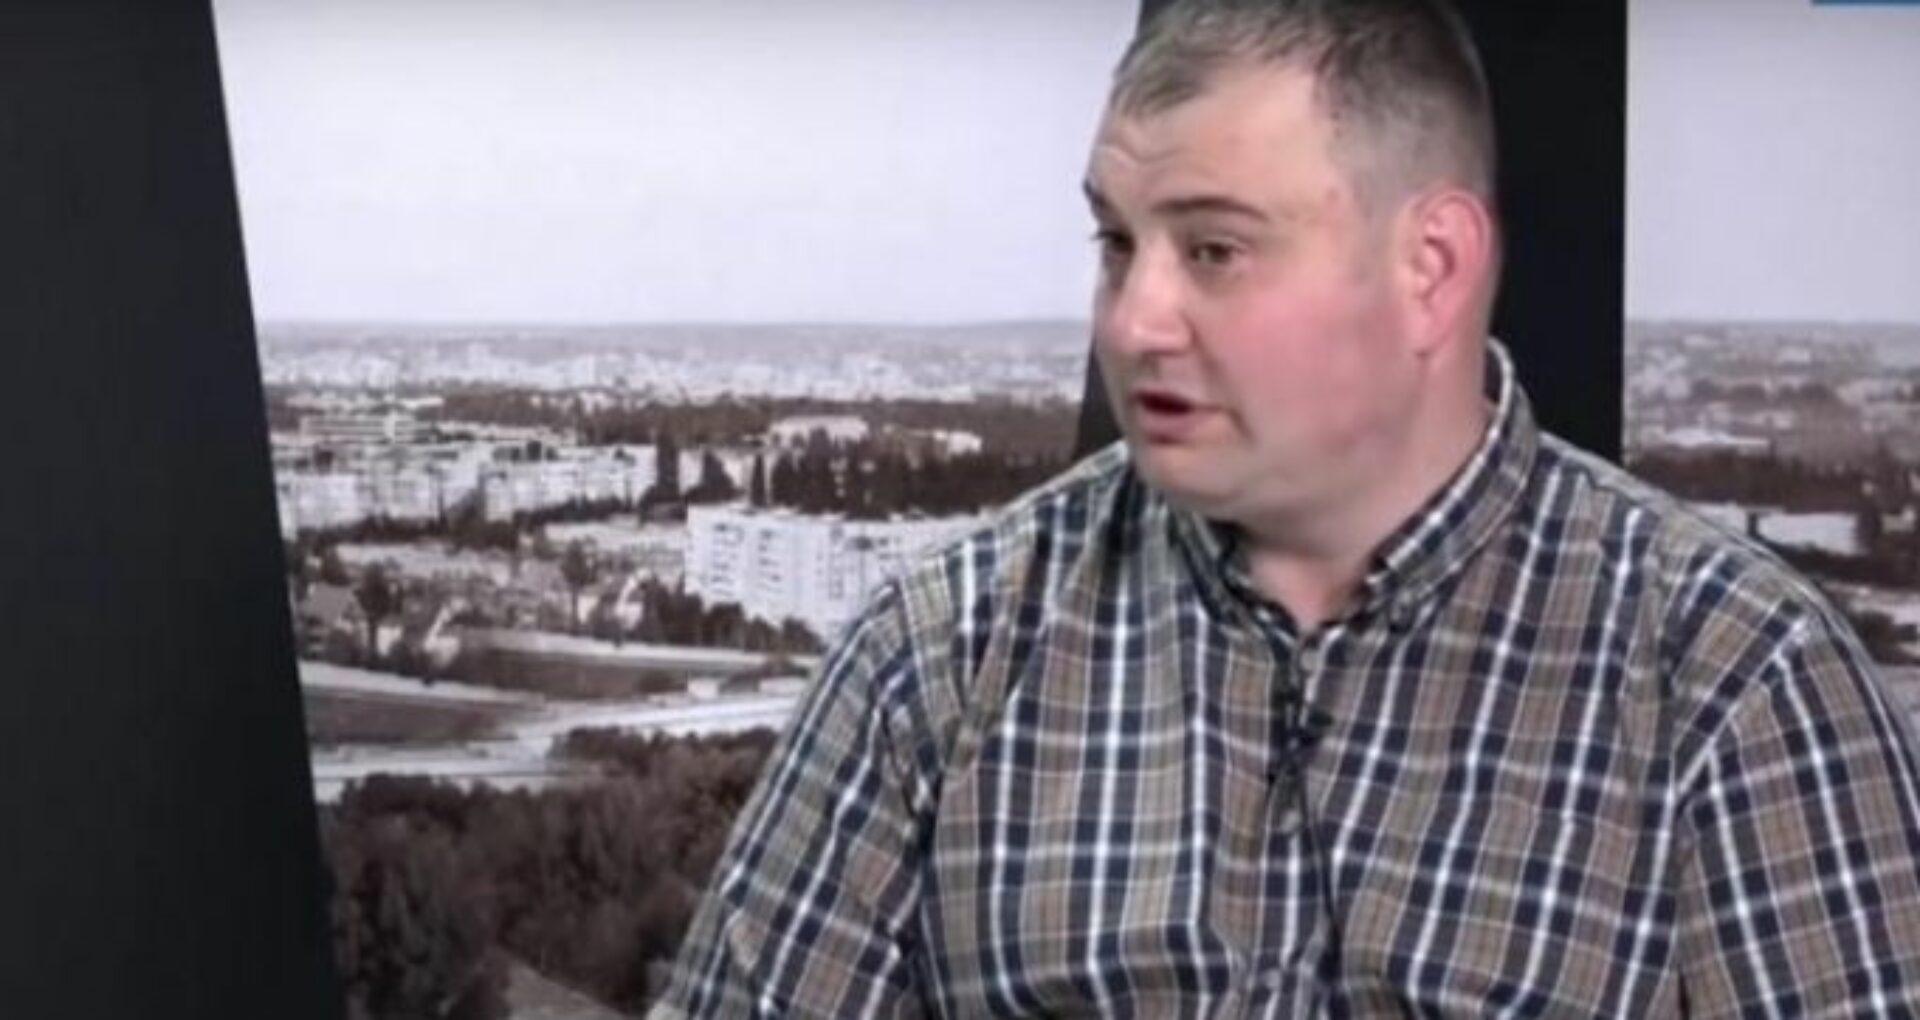 Fostul angajat al Poștei Moldovei, care a făcut dezvăluiri despre traficul cu anabolizante, achitat de CA Chișinău